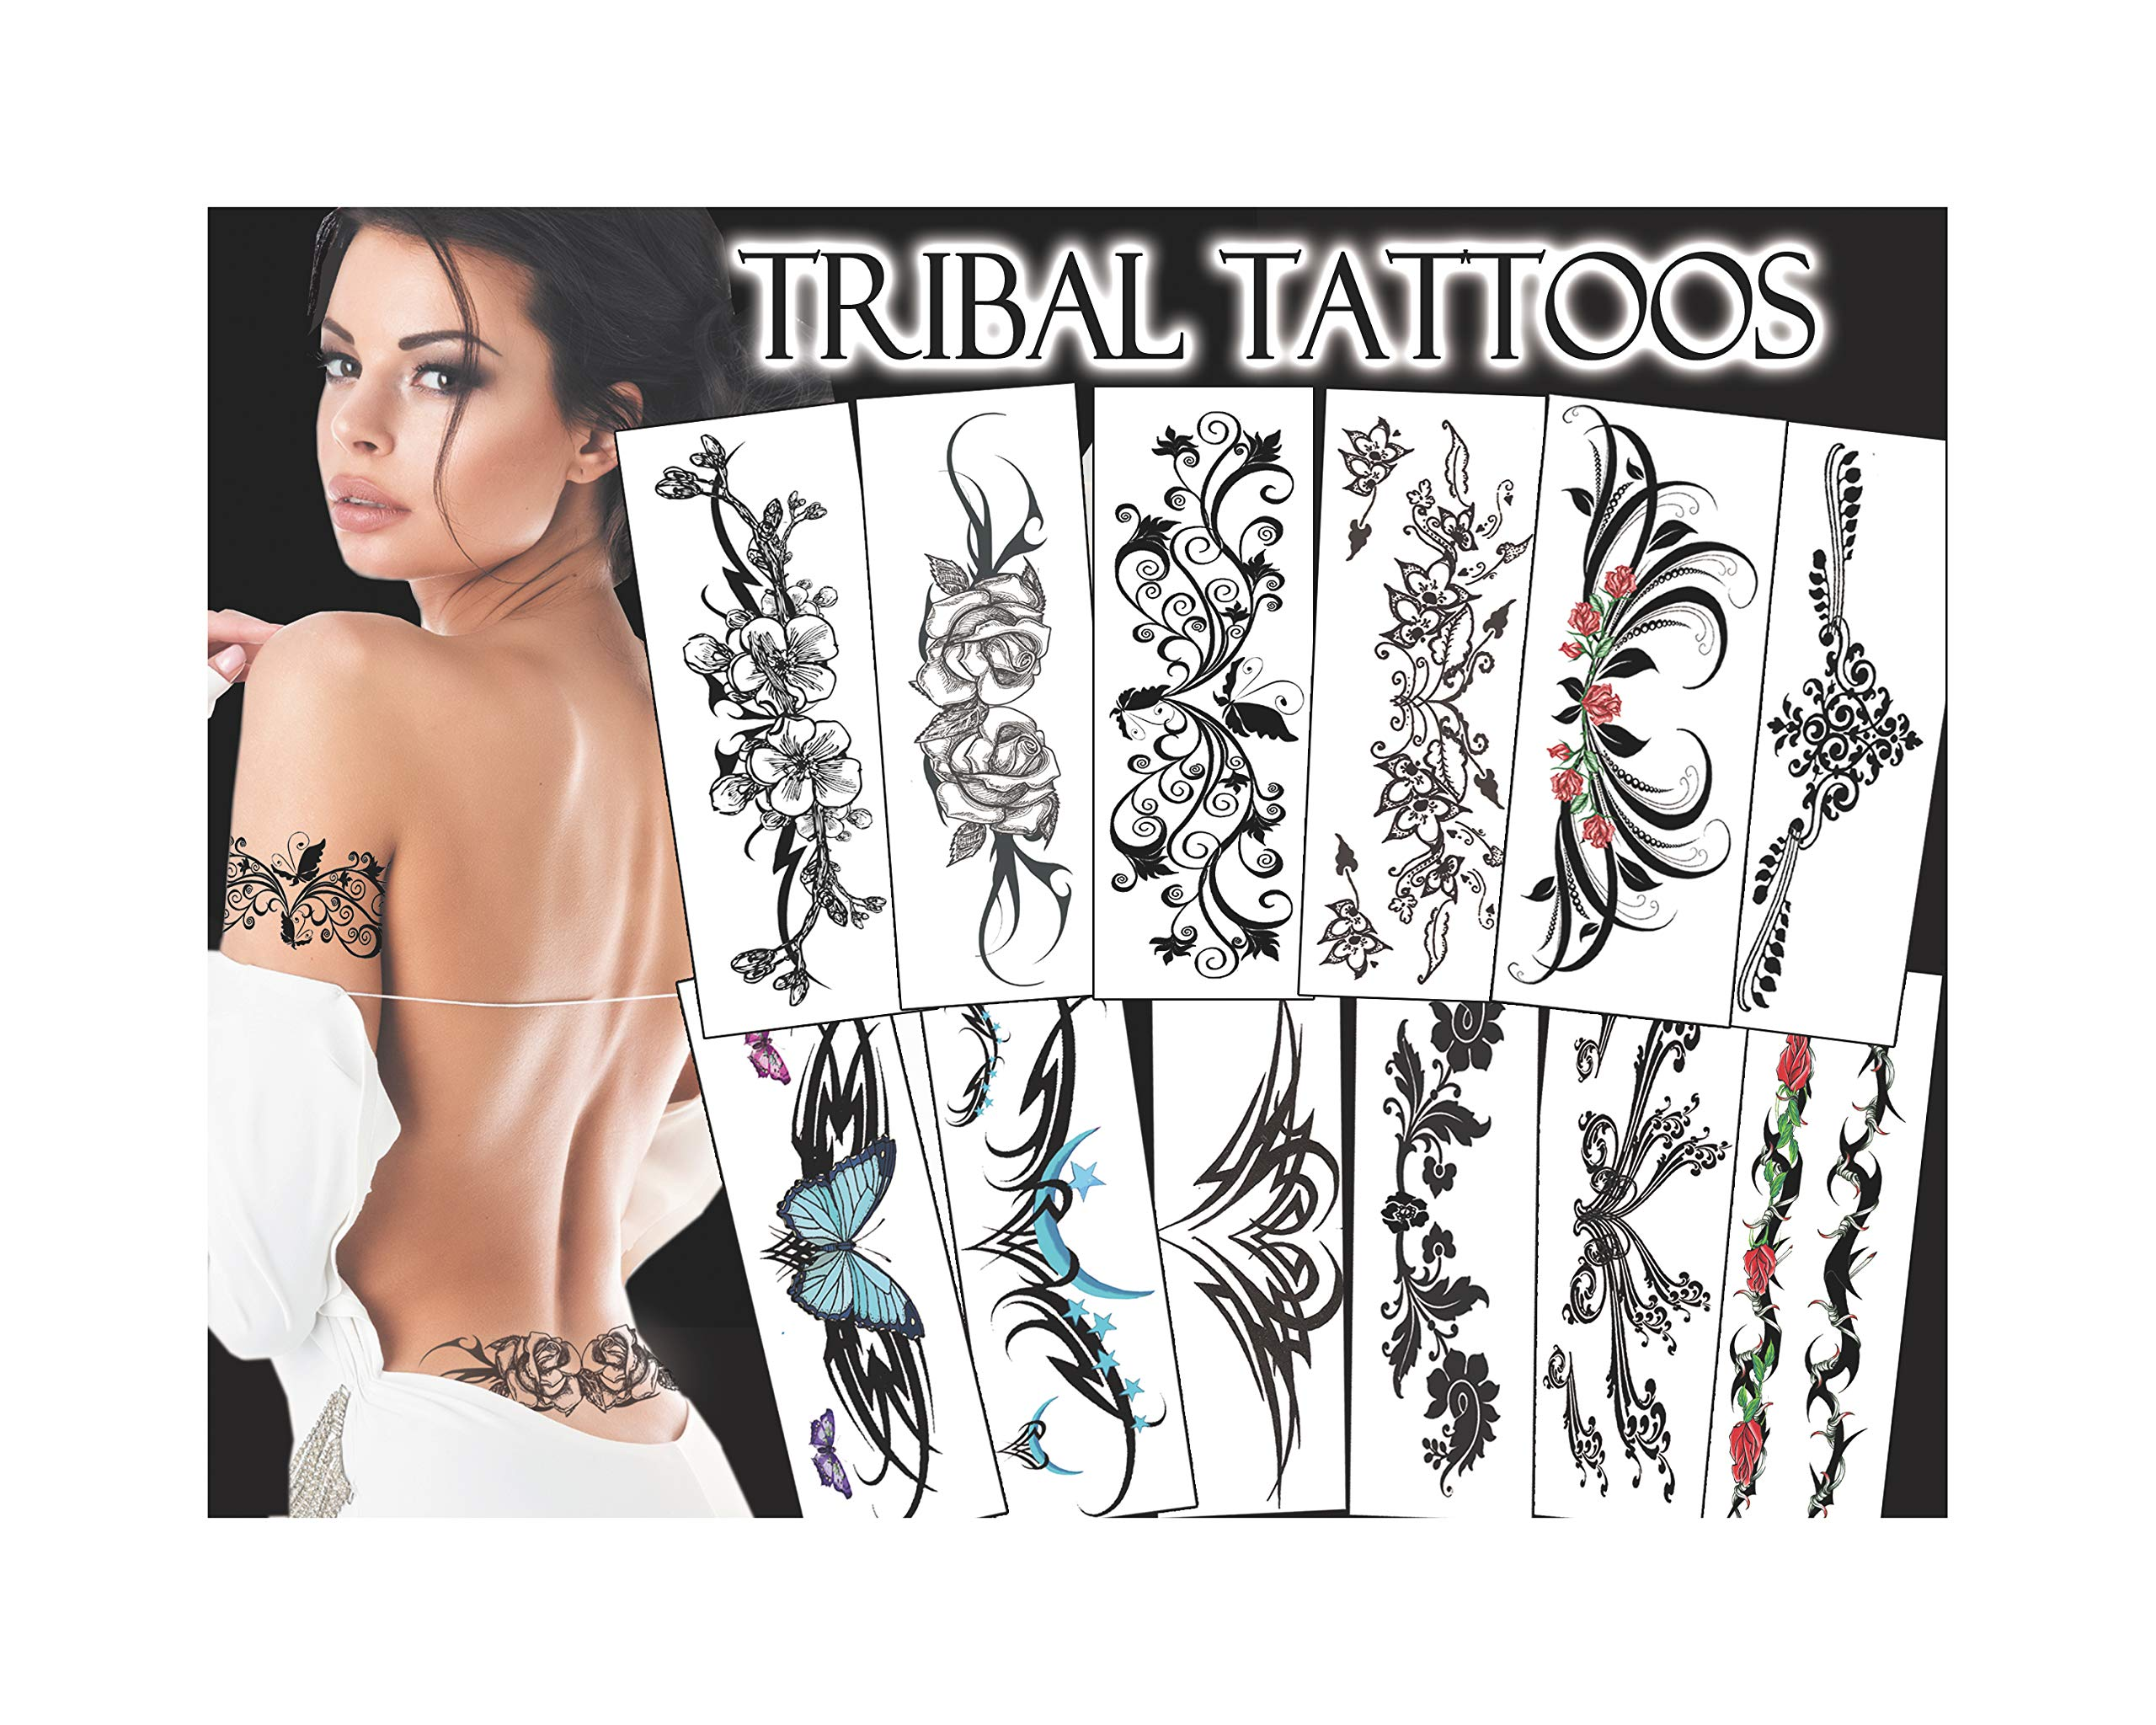 Tribal Tattoo Art